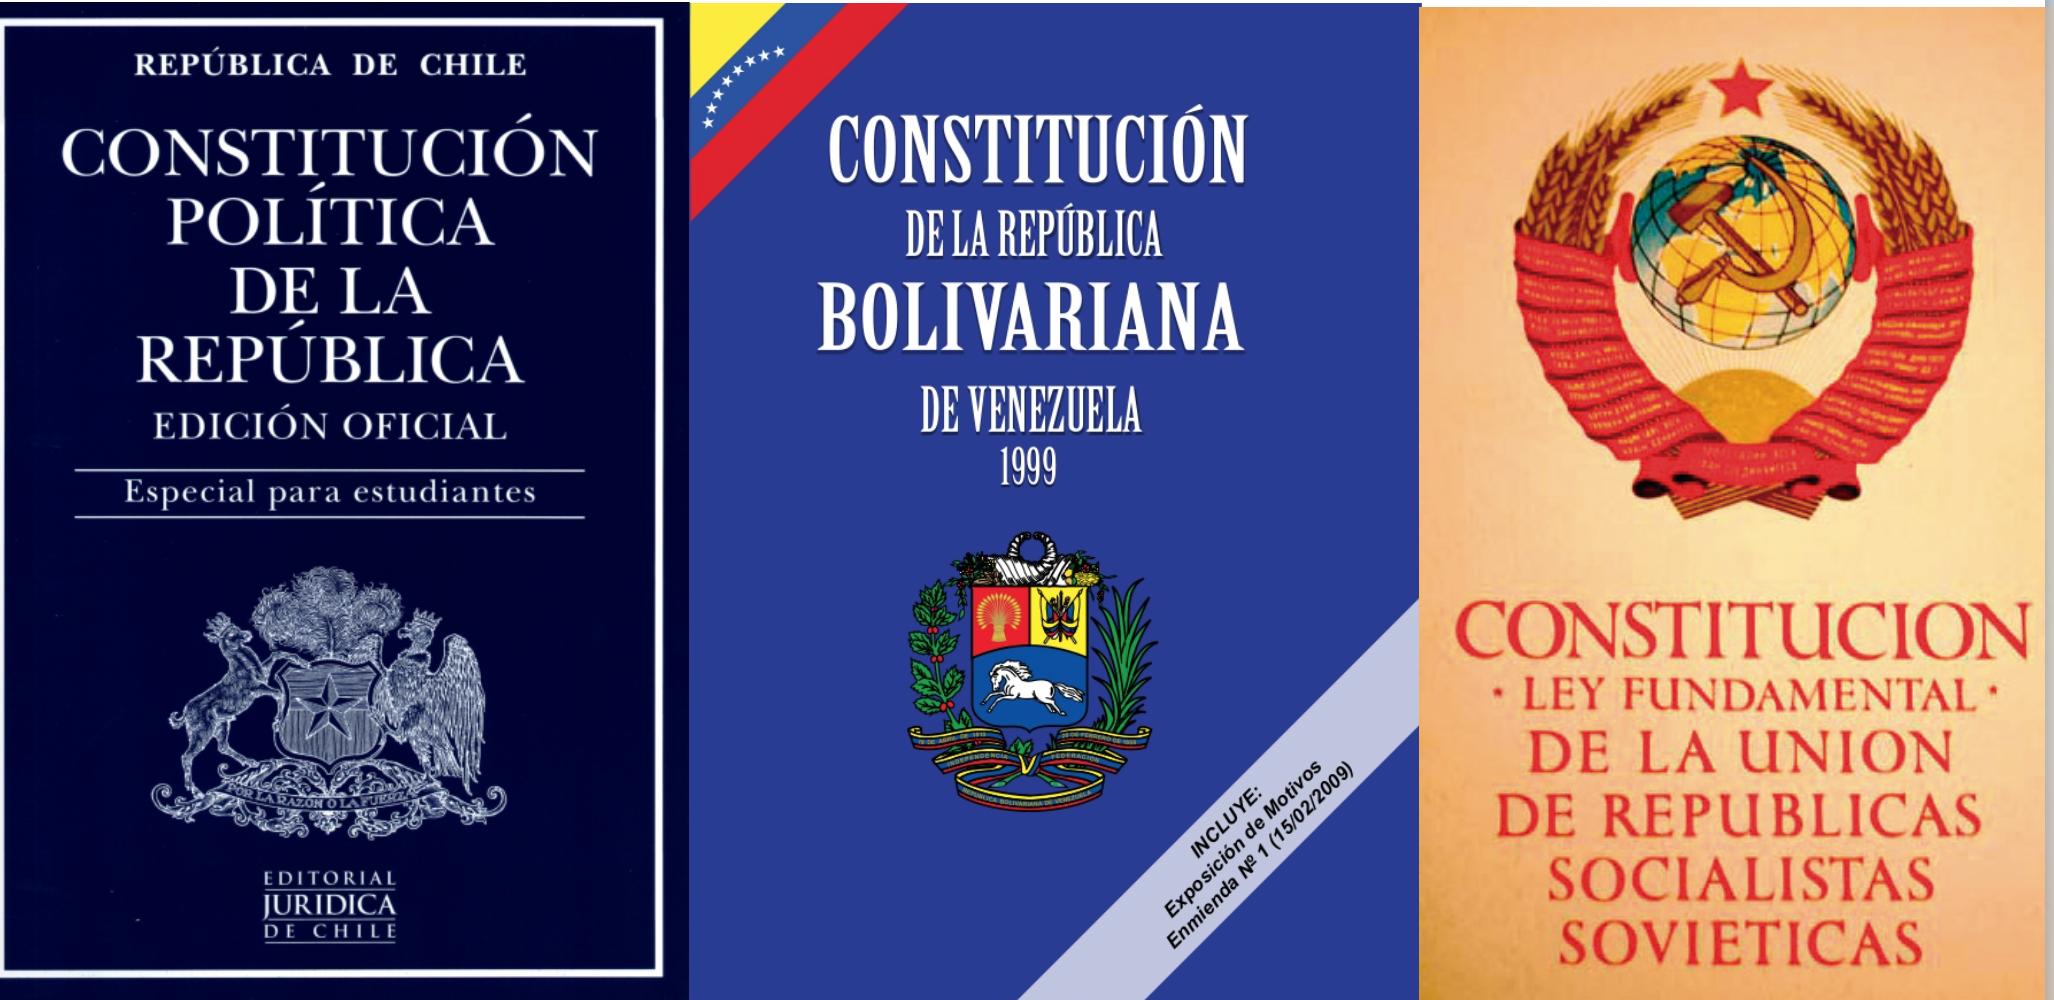 La mera existencia de una Constitución es condición necesaria pero no suficiente del respeto de los Derechos Humanos